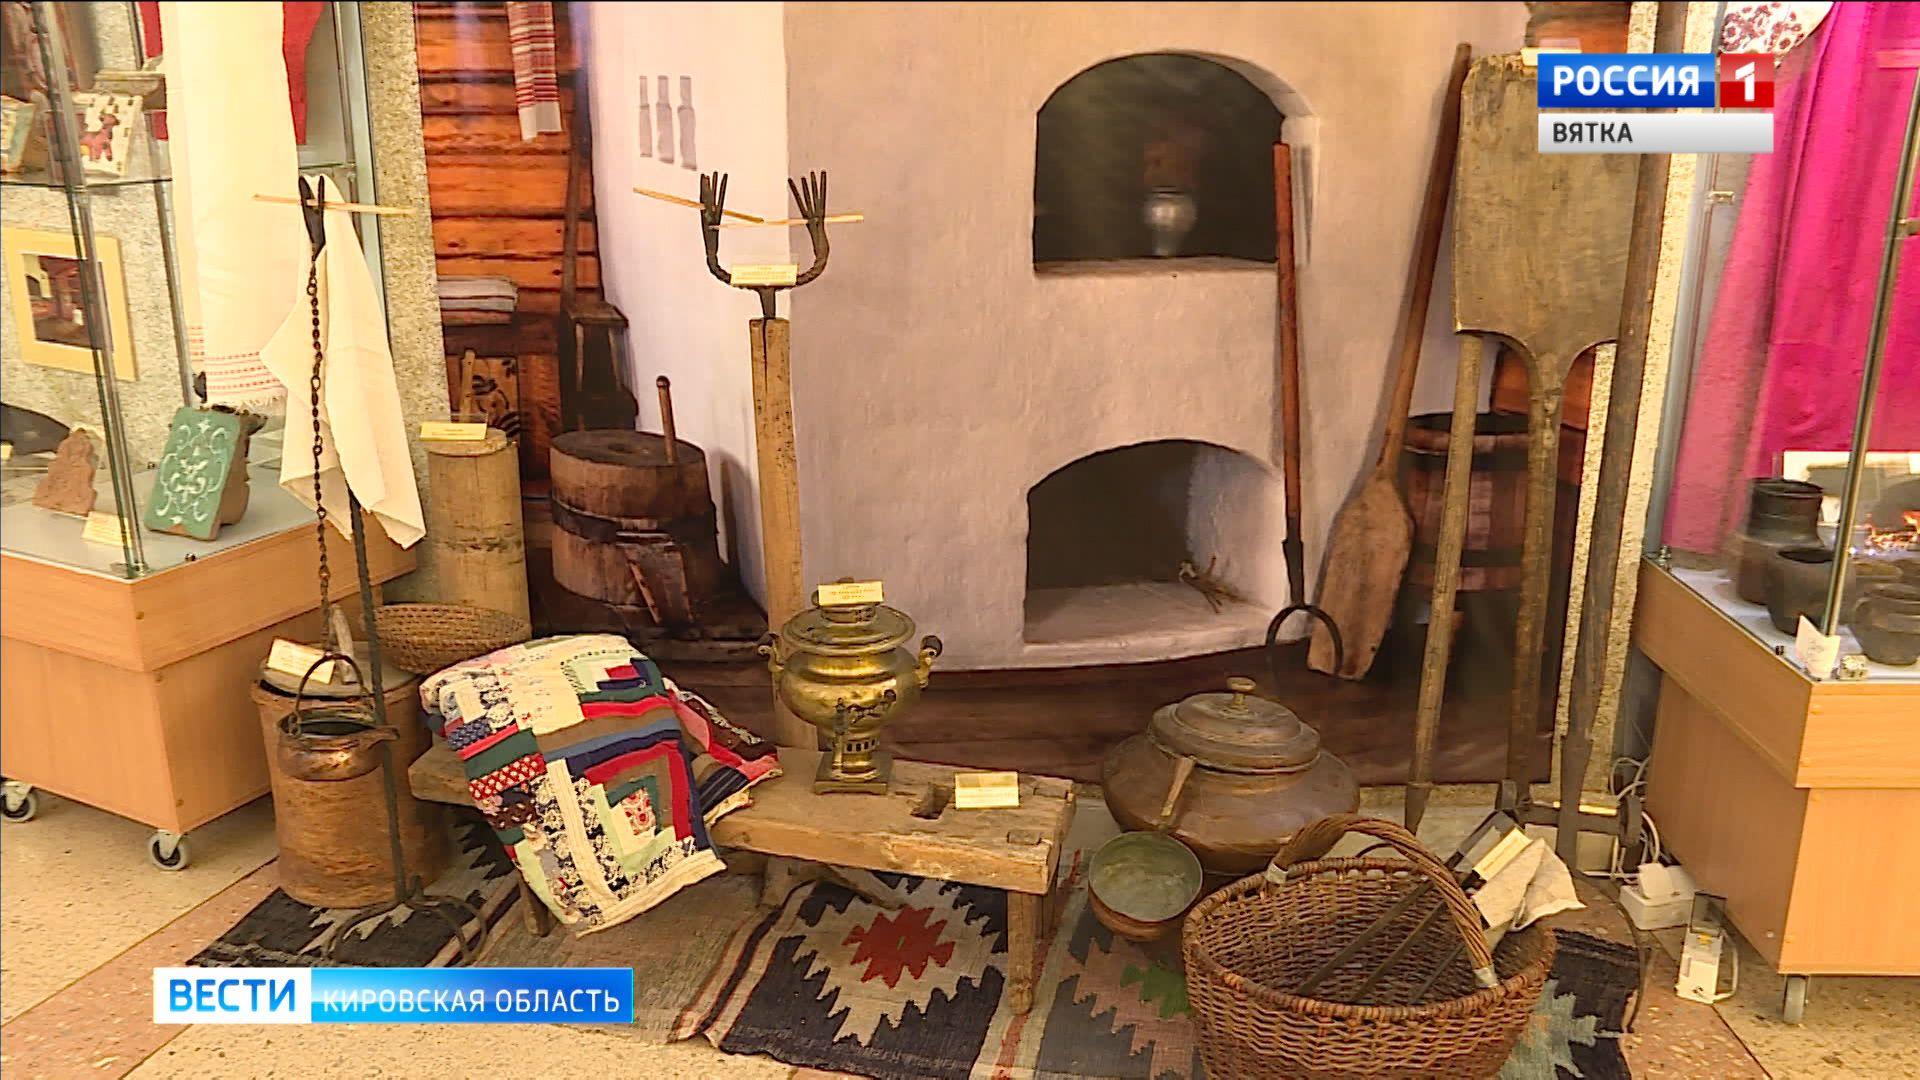 Выставка в кировской Диораме об истории русской печи